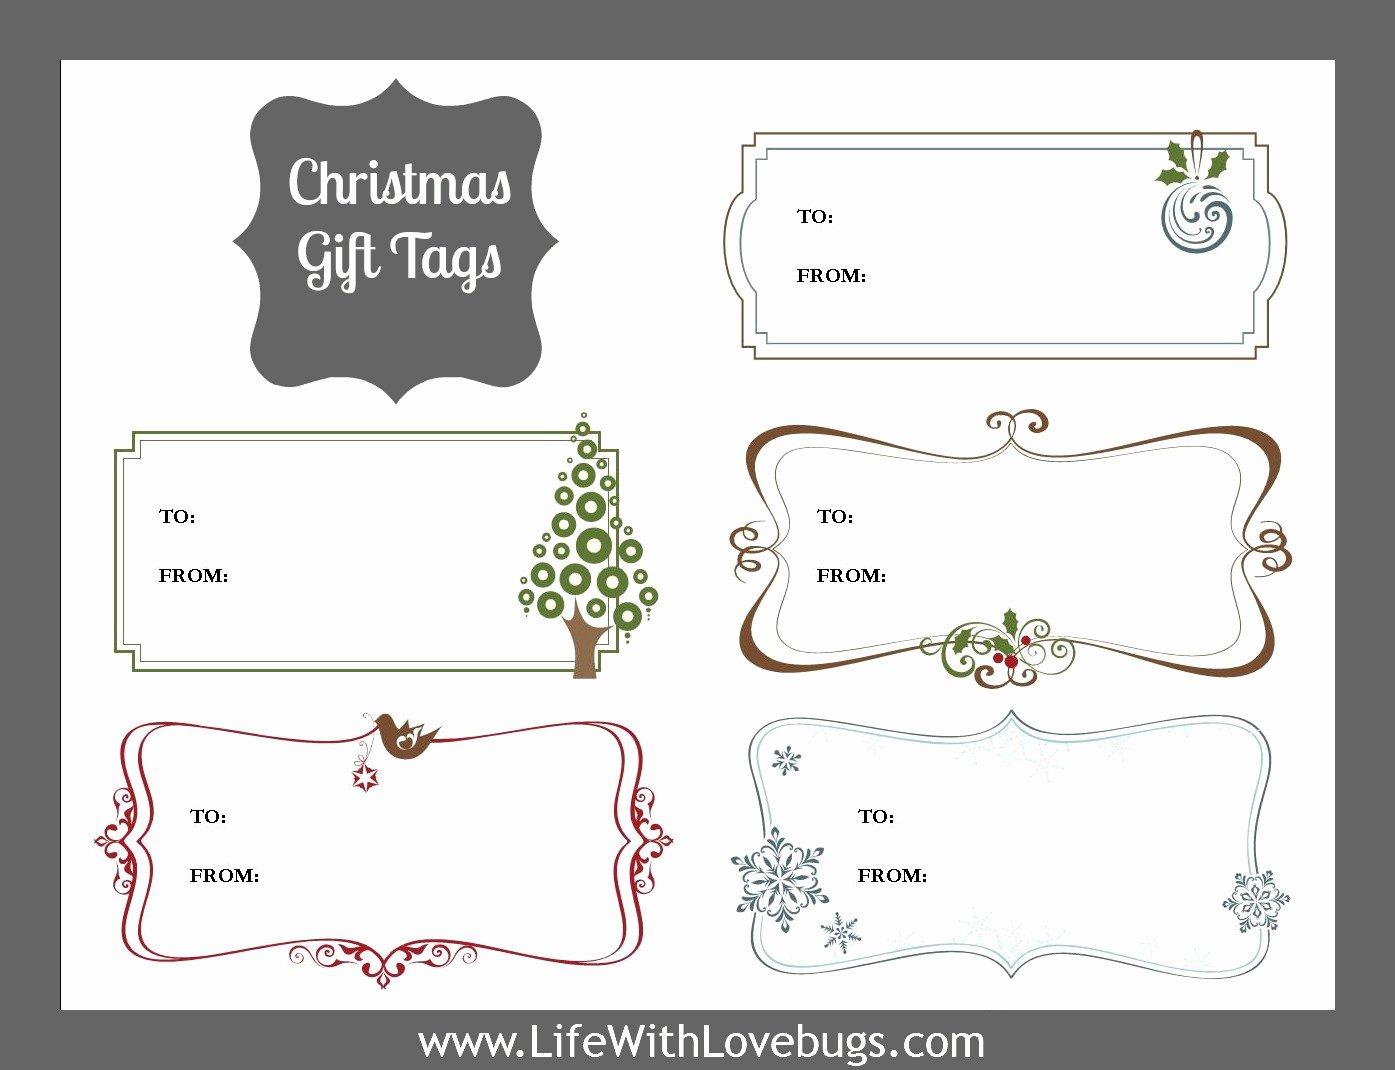 Printable Gift Tag Template Lovely Christmas Gift Tags Printable Life with Lovebugs